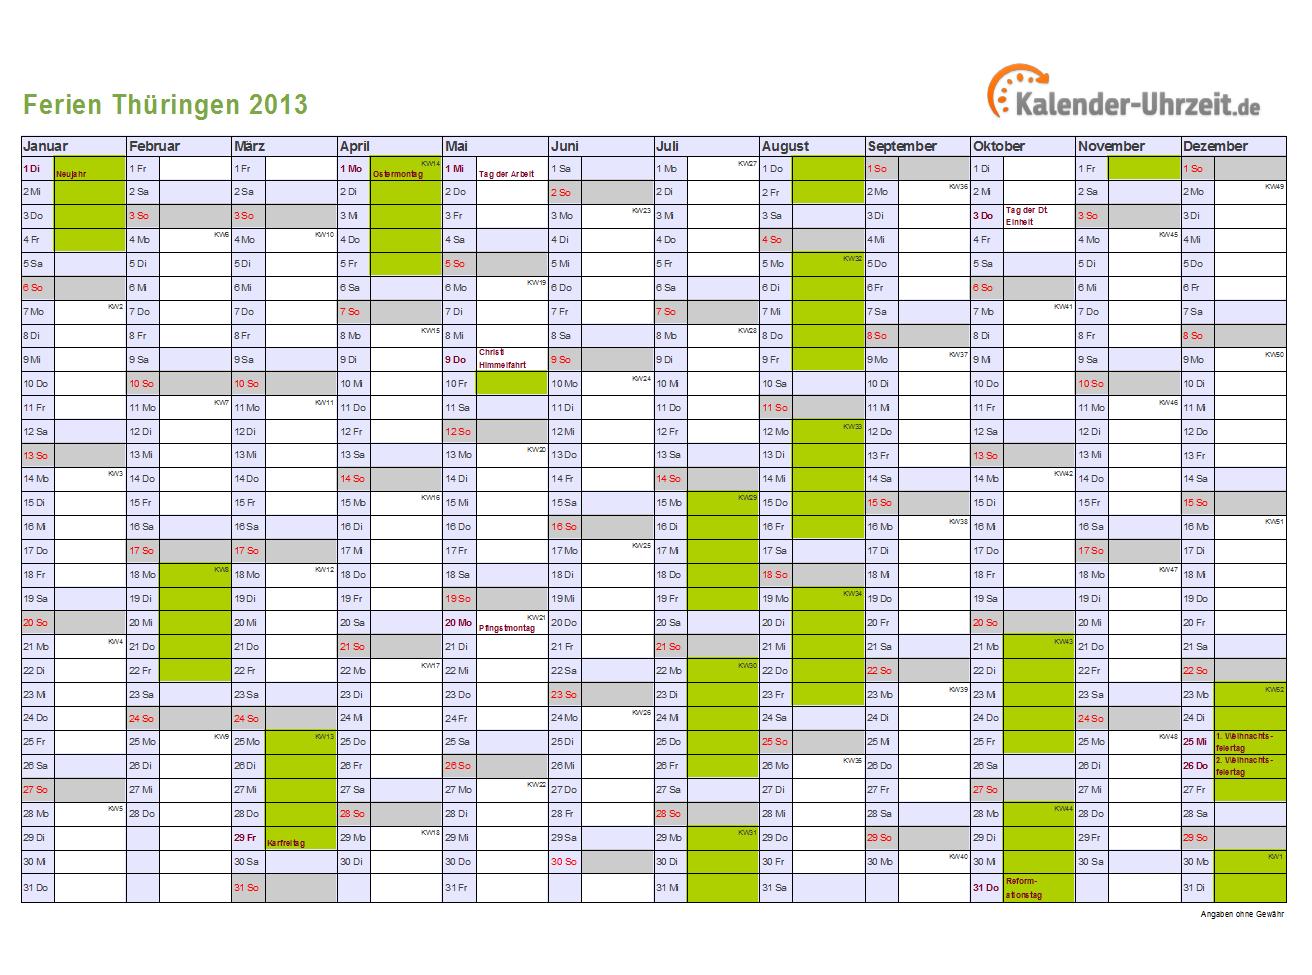 2013 Thüringen mit Feiertagen zum Ausdrucken und Downloaden